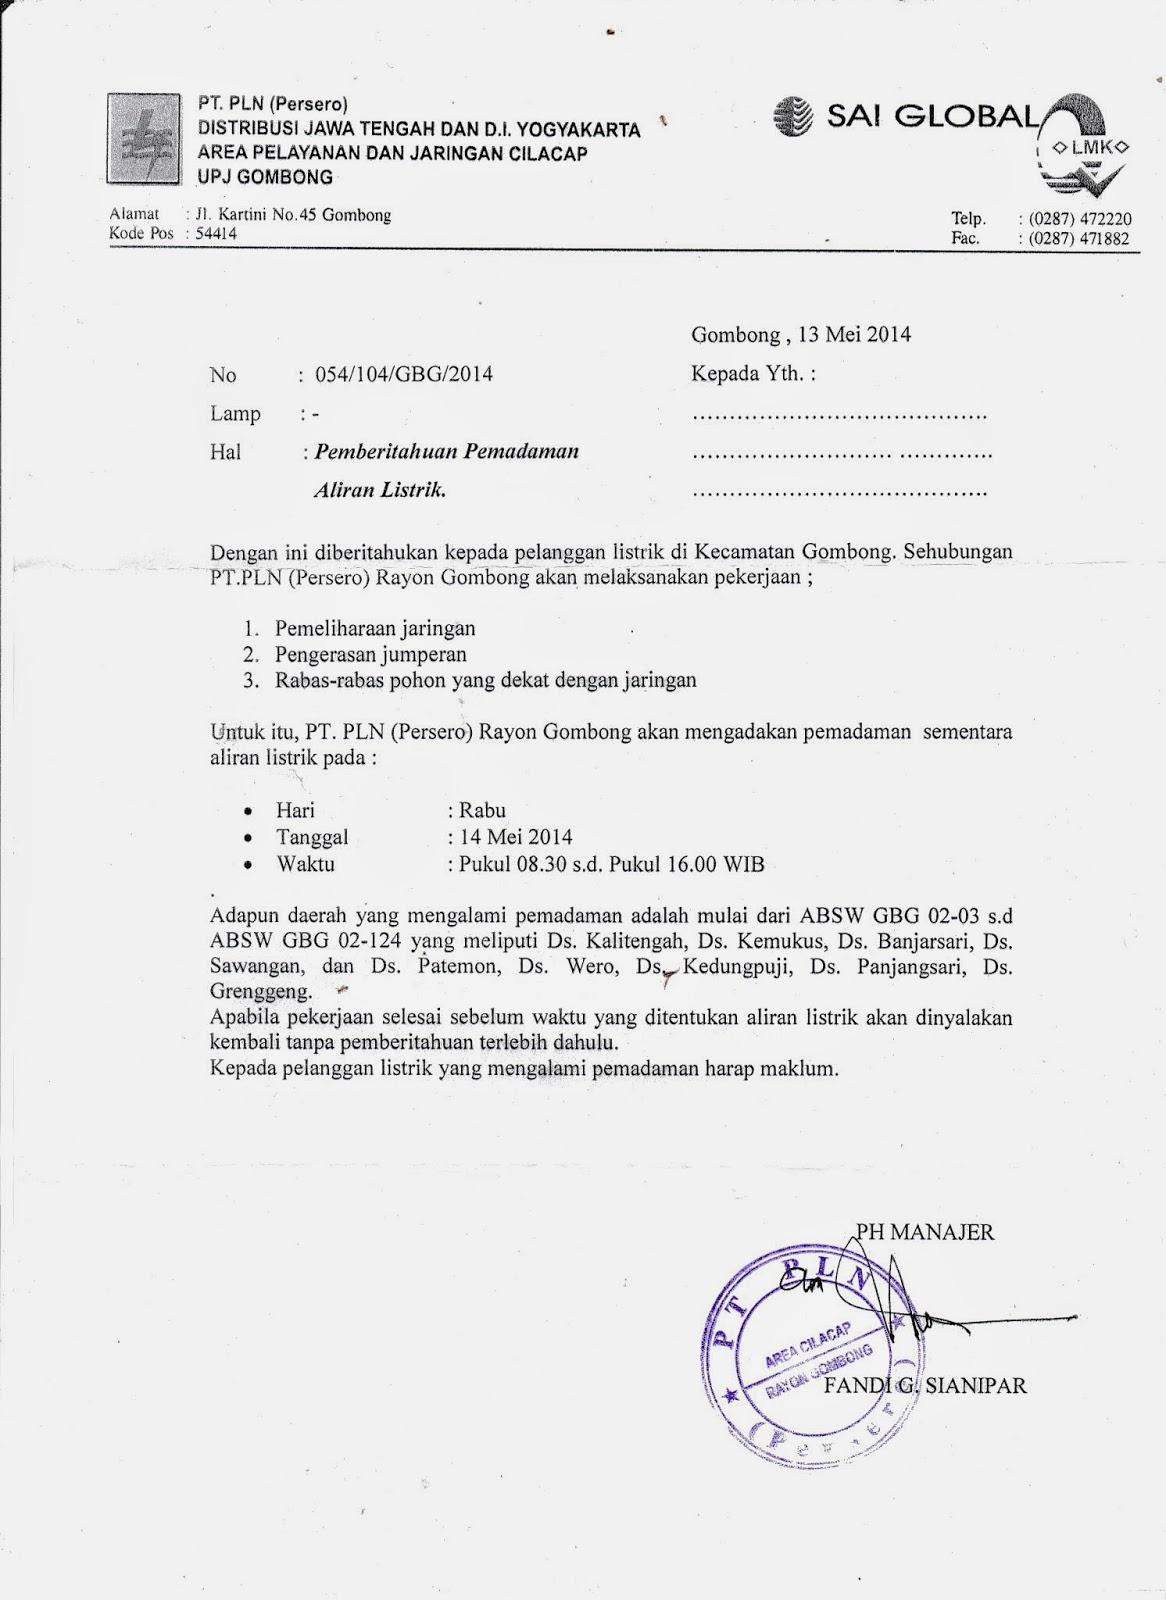 Juni Aminudin Info Pemadaman Listrik Wilayah Gombong 14